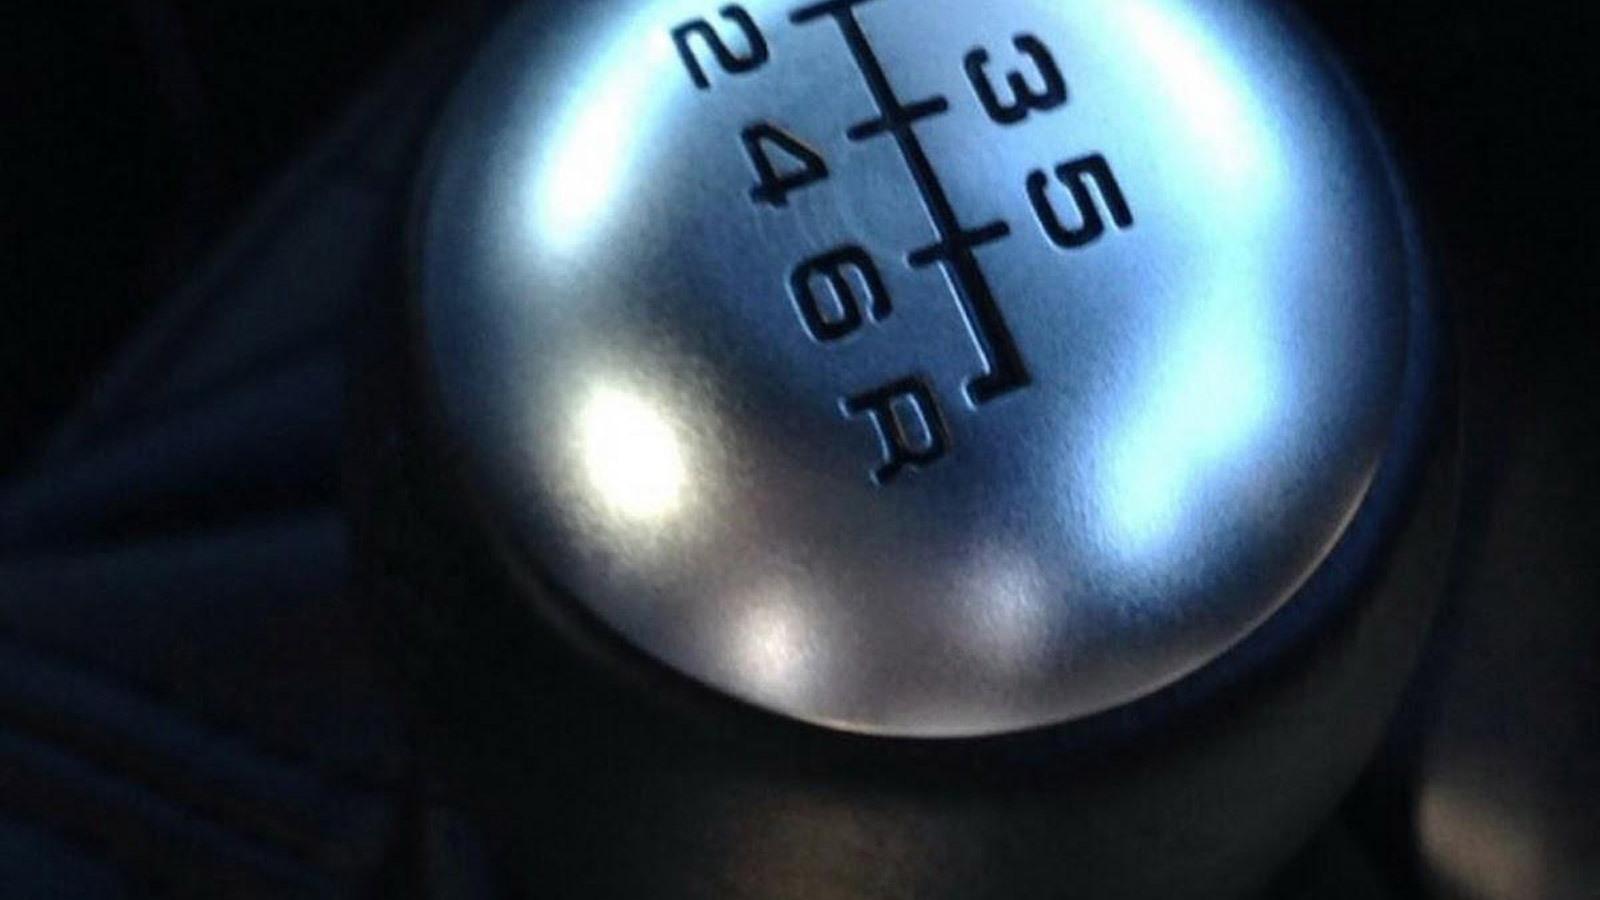 2015 Honda S660 leaked - Image via Minkara